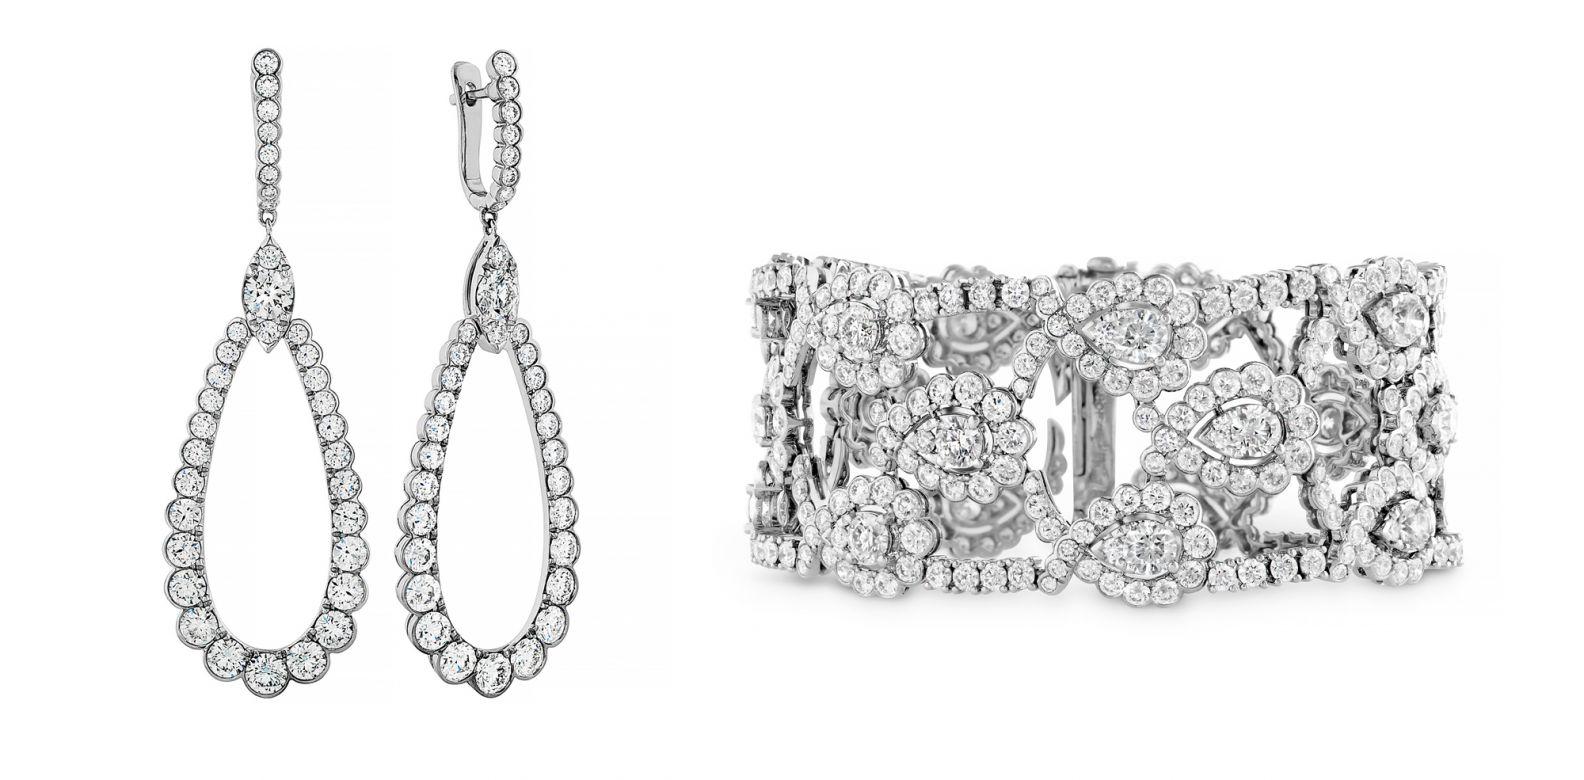 Regal鑽石耳環與手鍊。(圖片提供/Hearts On Fire)